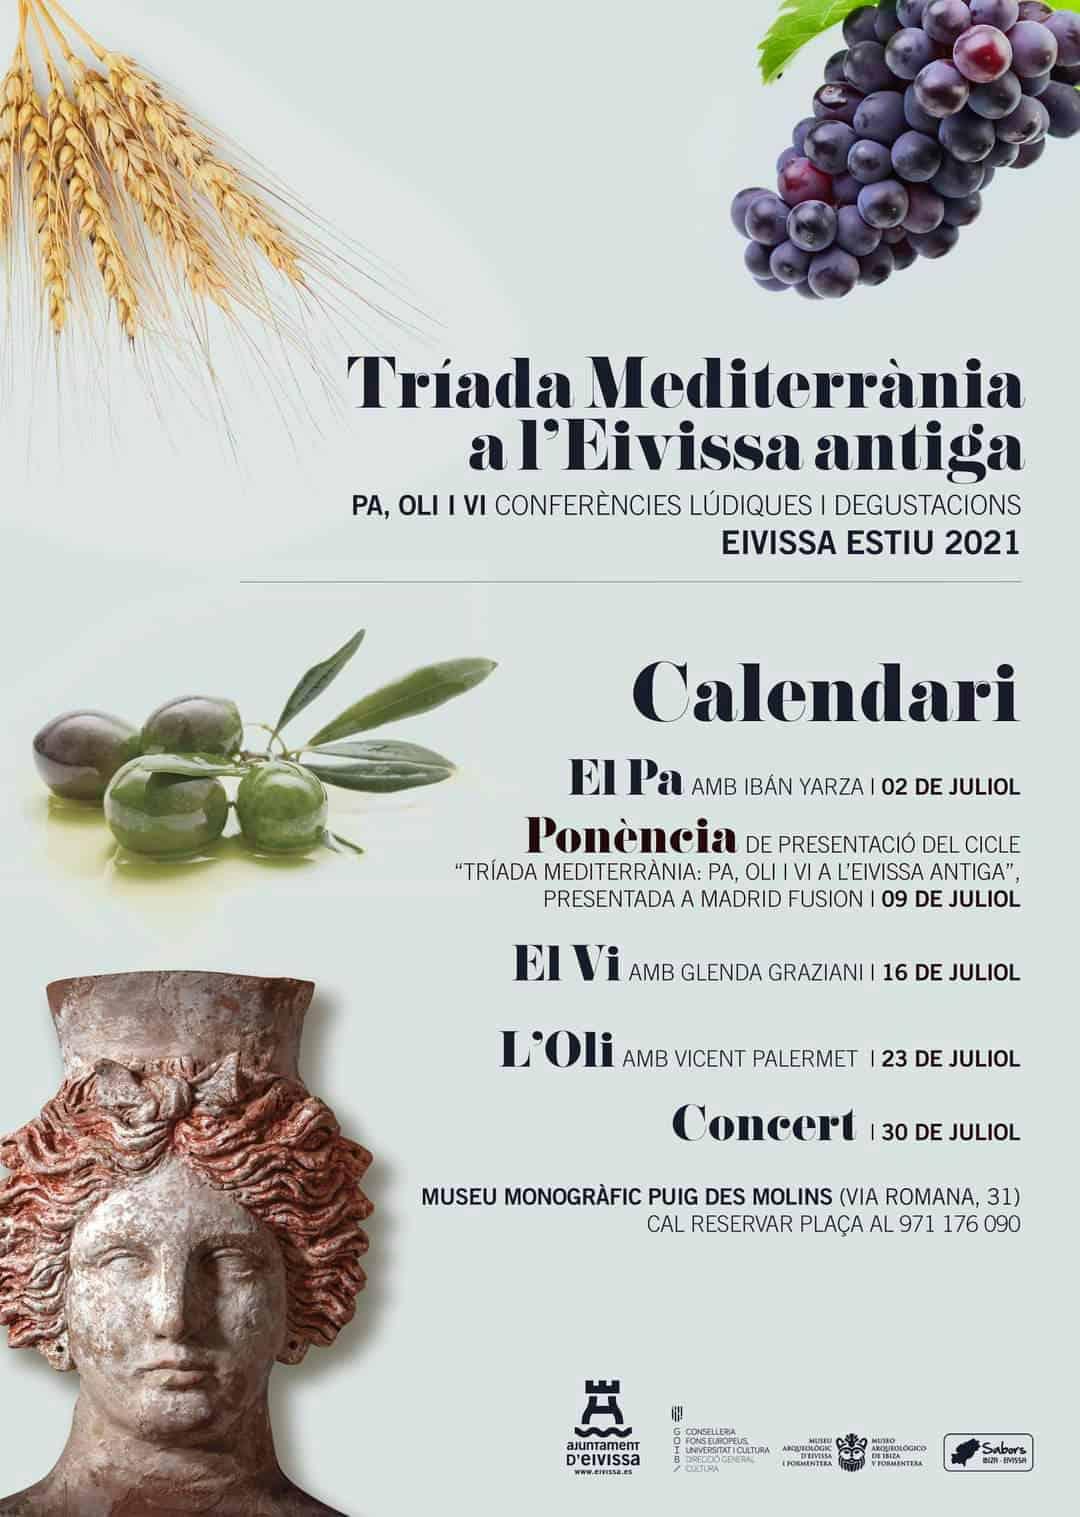 triada-mediterranea-ibiza-2021-welcometoibiza